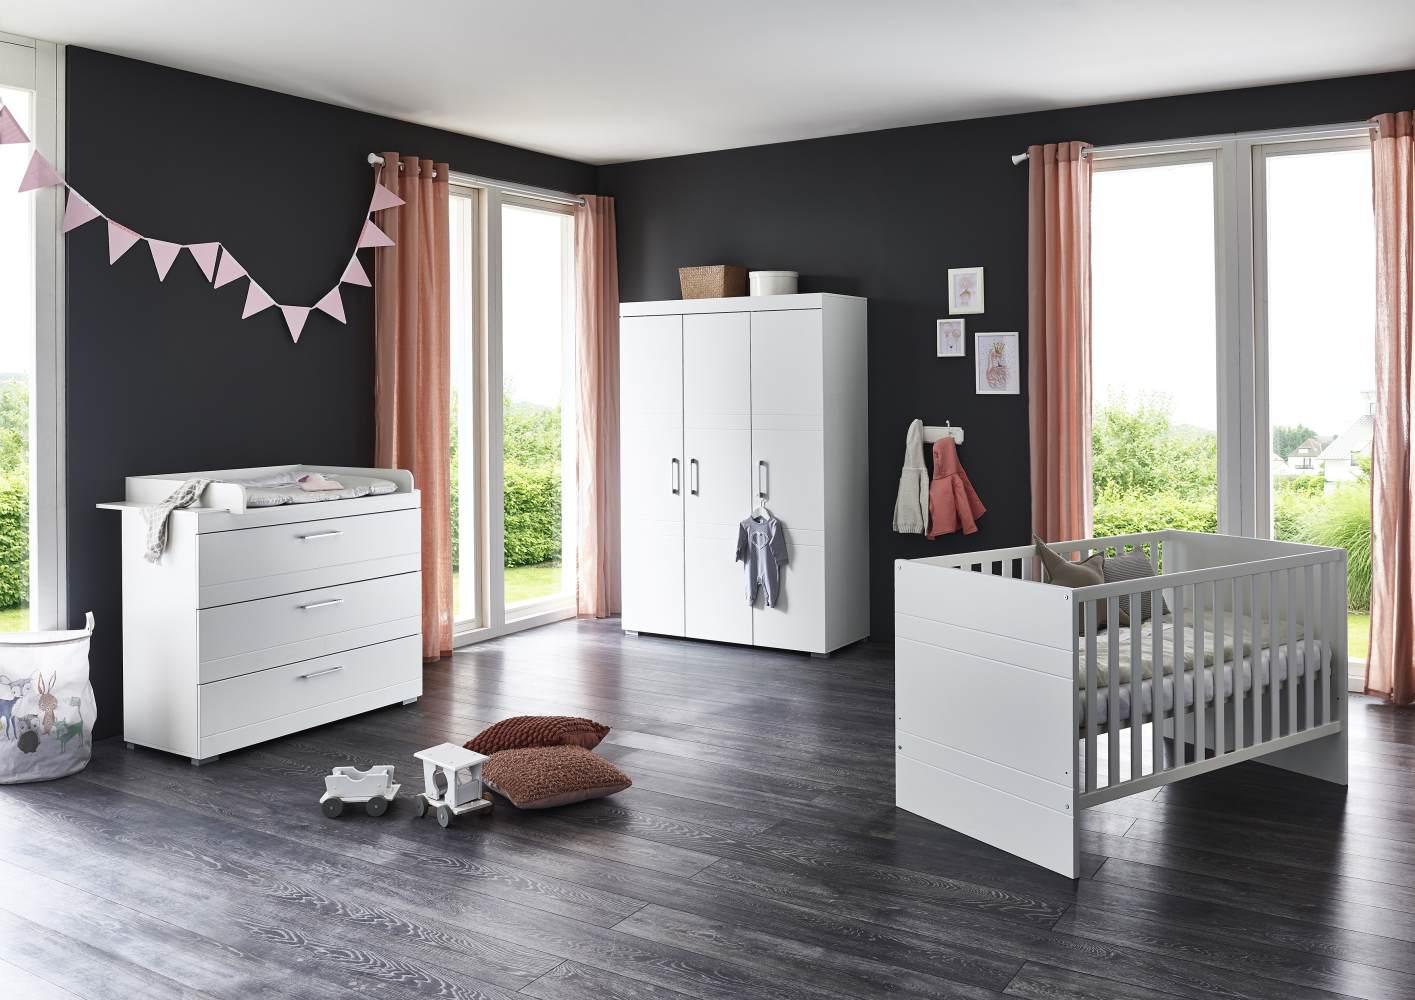 Arthur Berndt 'Liene' Babyzimmer Komplettset 3-teilig, Kinderbett (70 x 140 cm), Wickelkommode mit Wickelaufsatz und Kleiderschrank MDF Weiß Strasssteine Bild 1